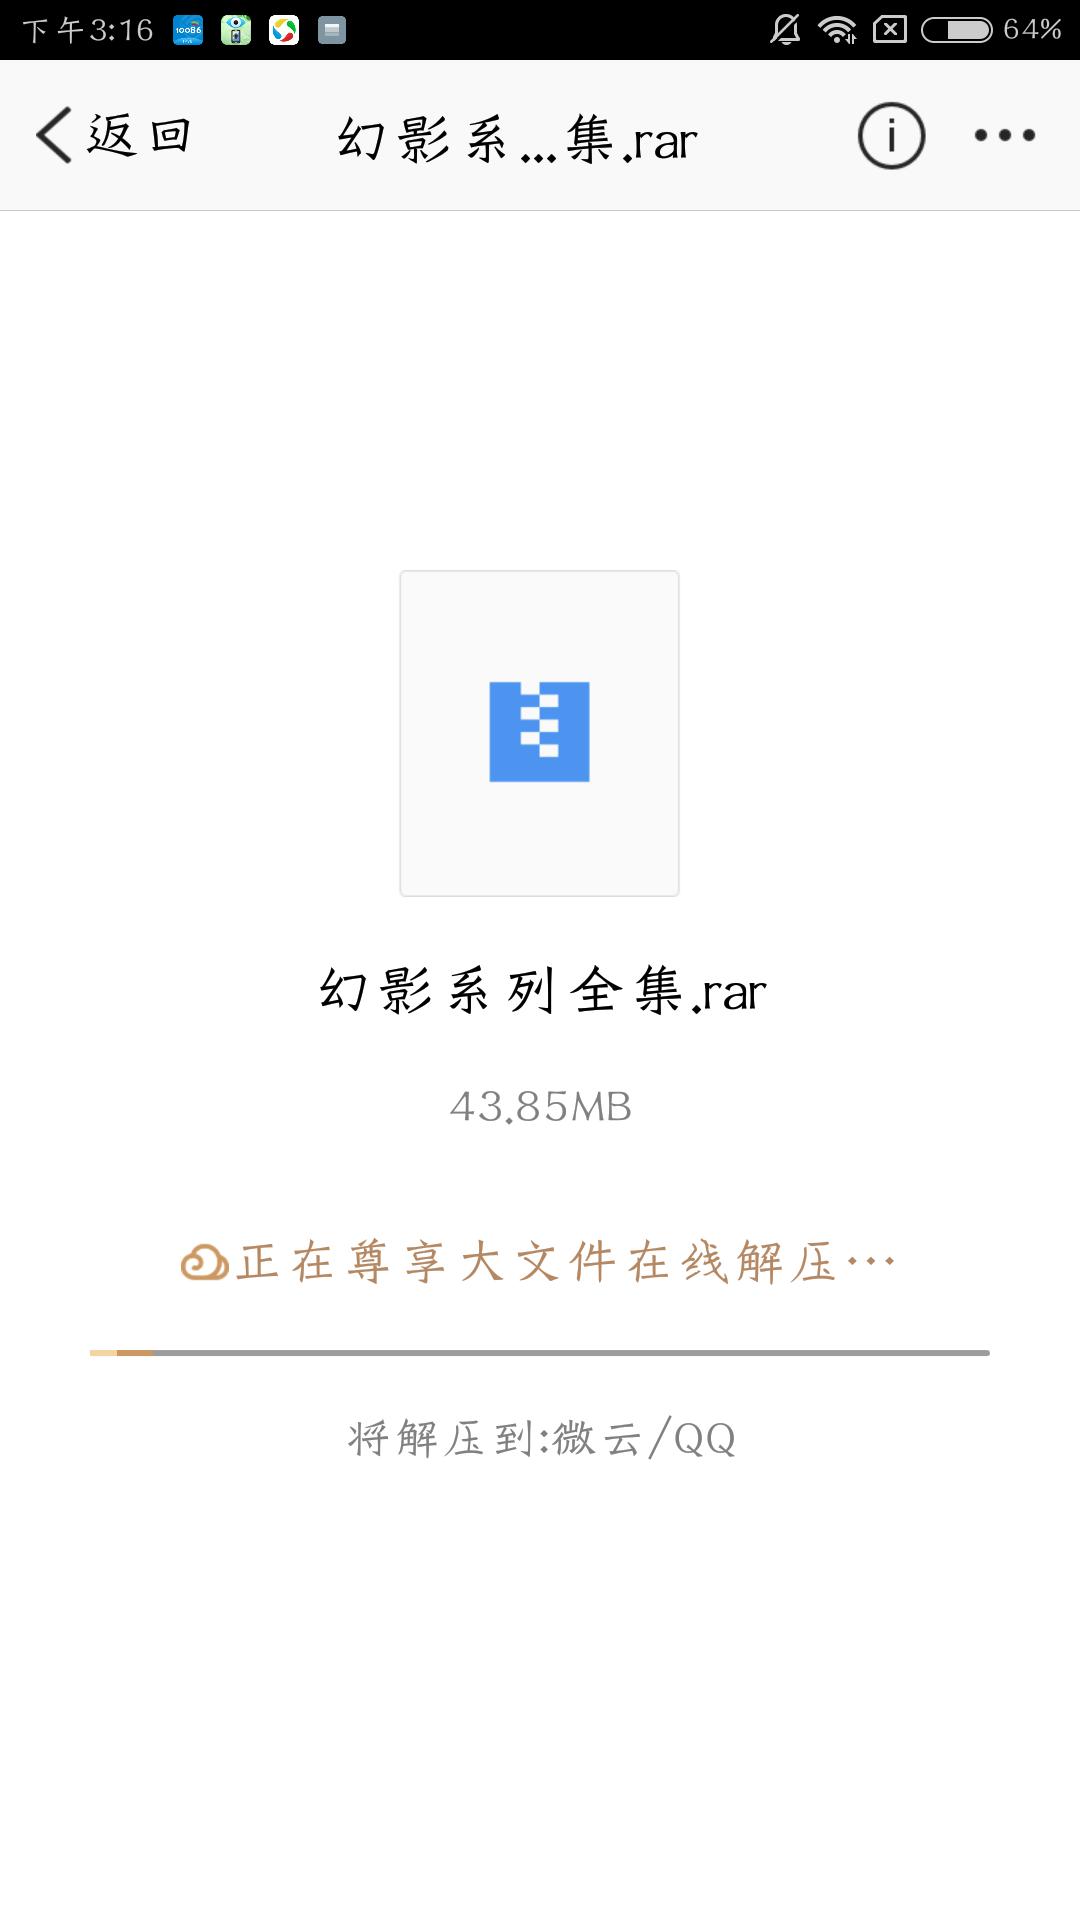 【分享】微云最新版破解版,畅享所有会员权限!-爱小助